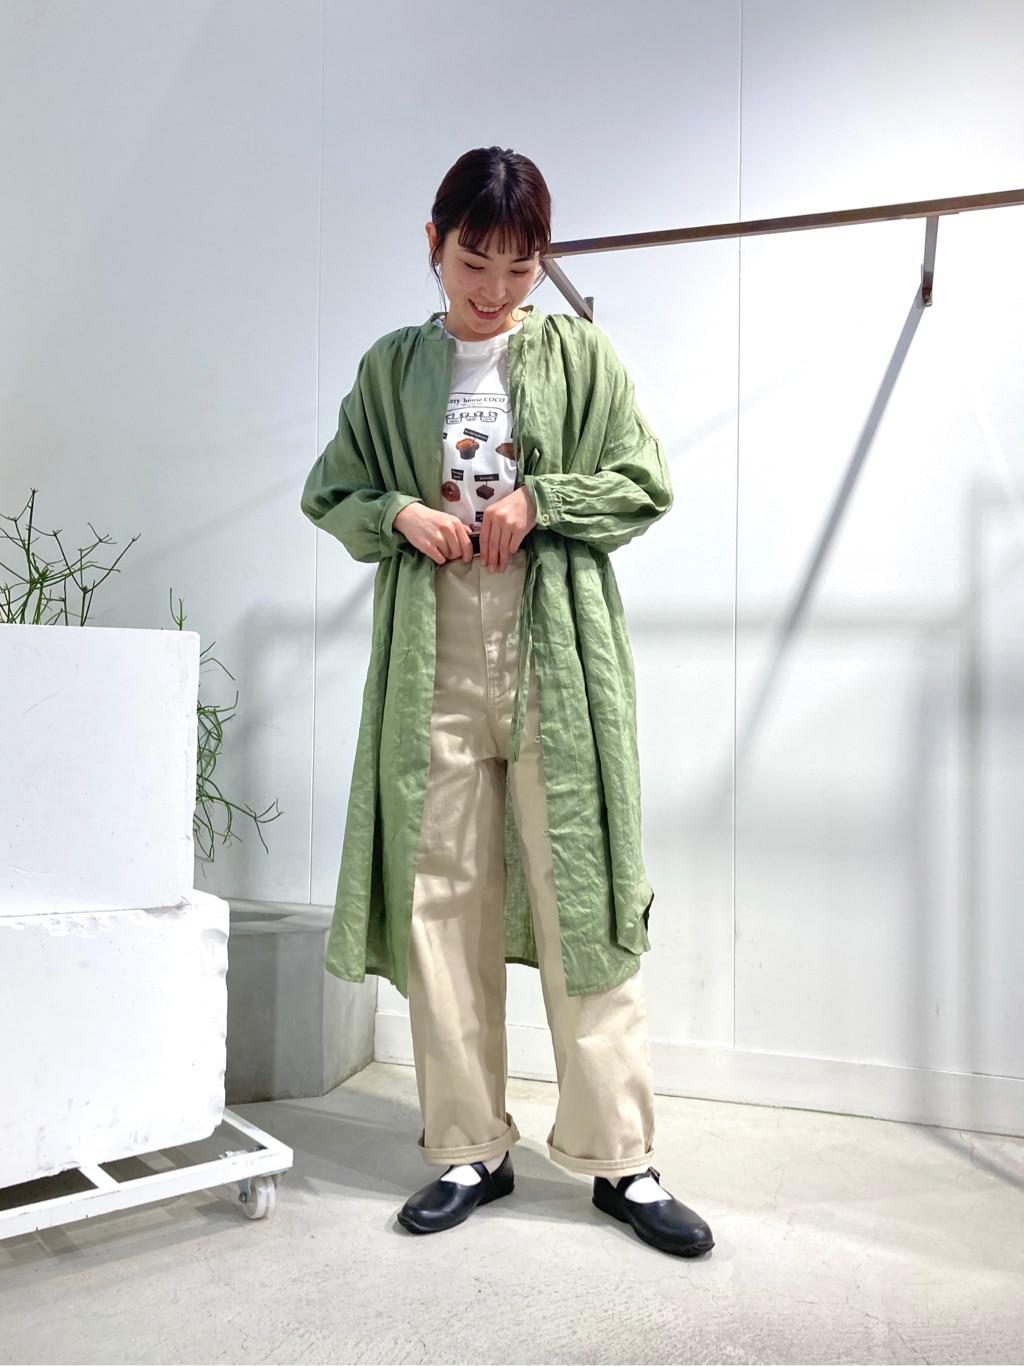 名古屋栄路面 2021.04.30